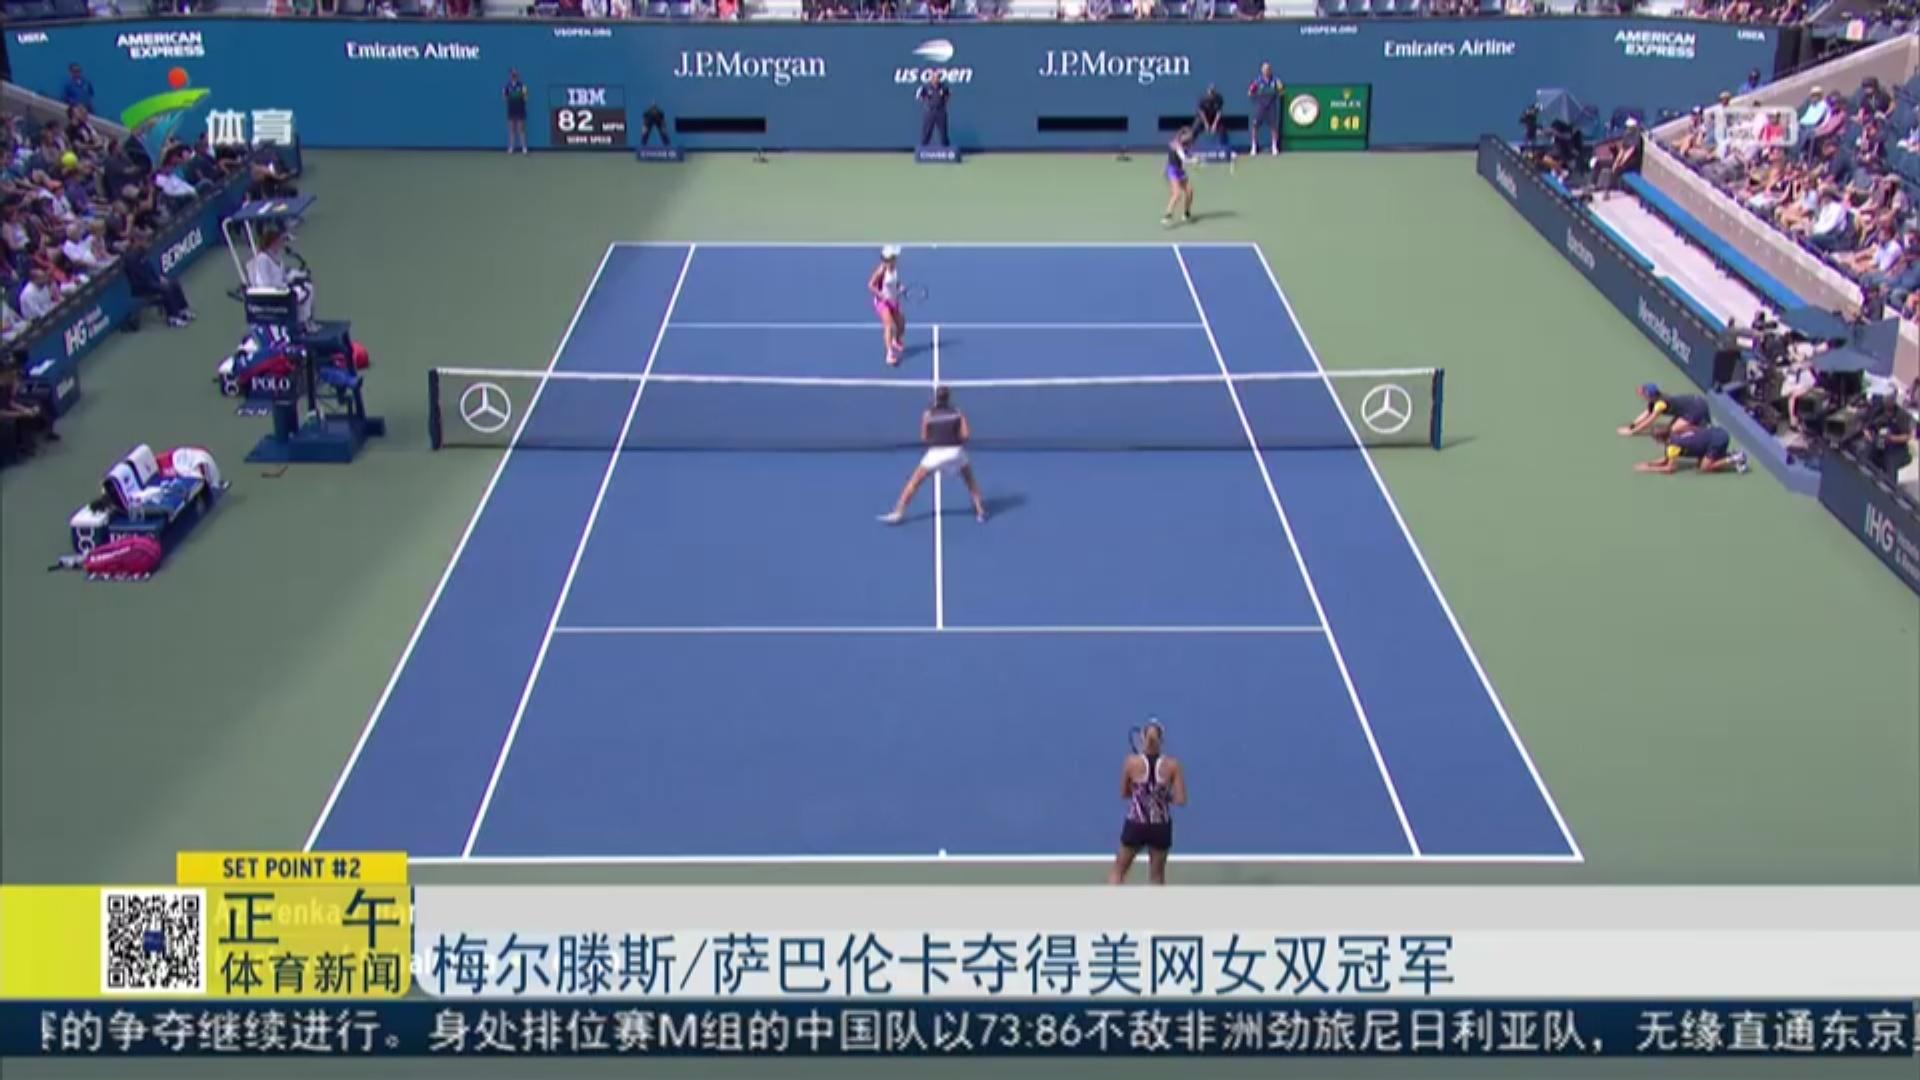 梅尔滕斯 萨巴伦卡夺得美网女双冠军